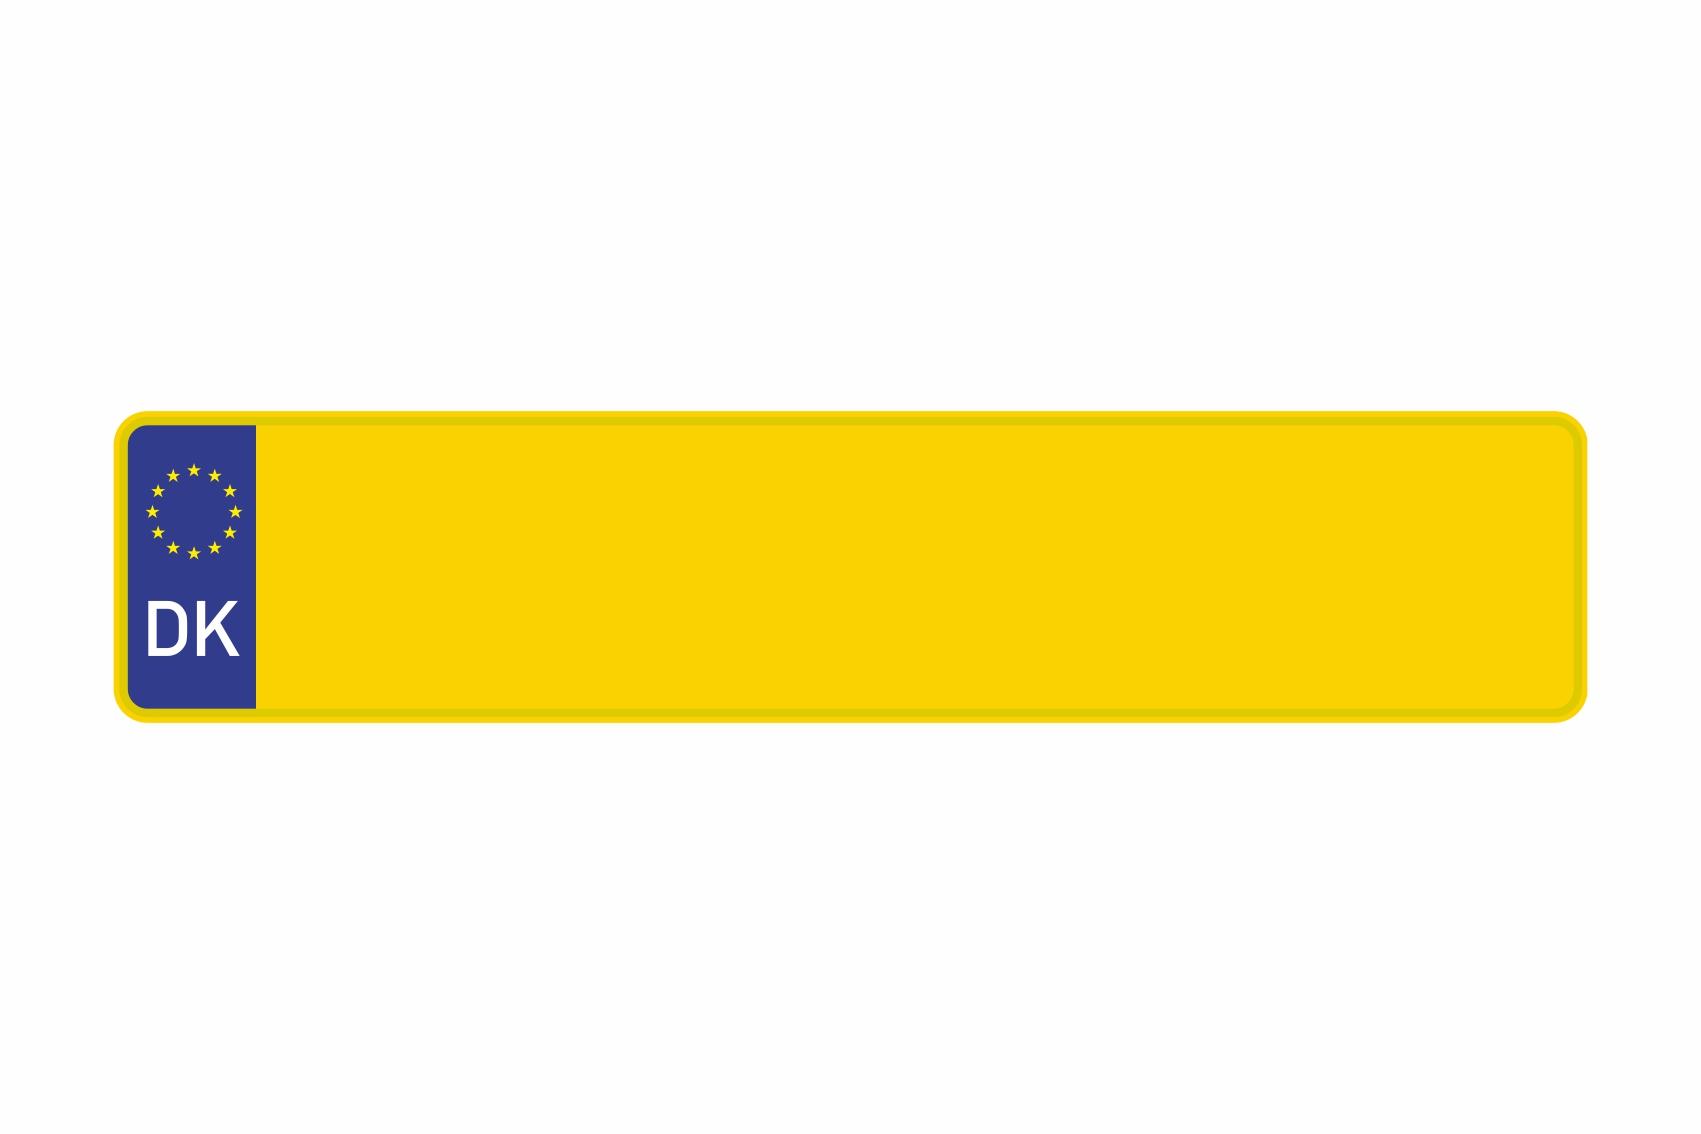 Schild Euro DK / Dänemark gelb reflex 520 x 110 x 1 mm